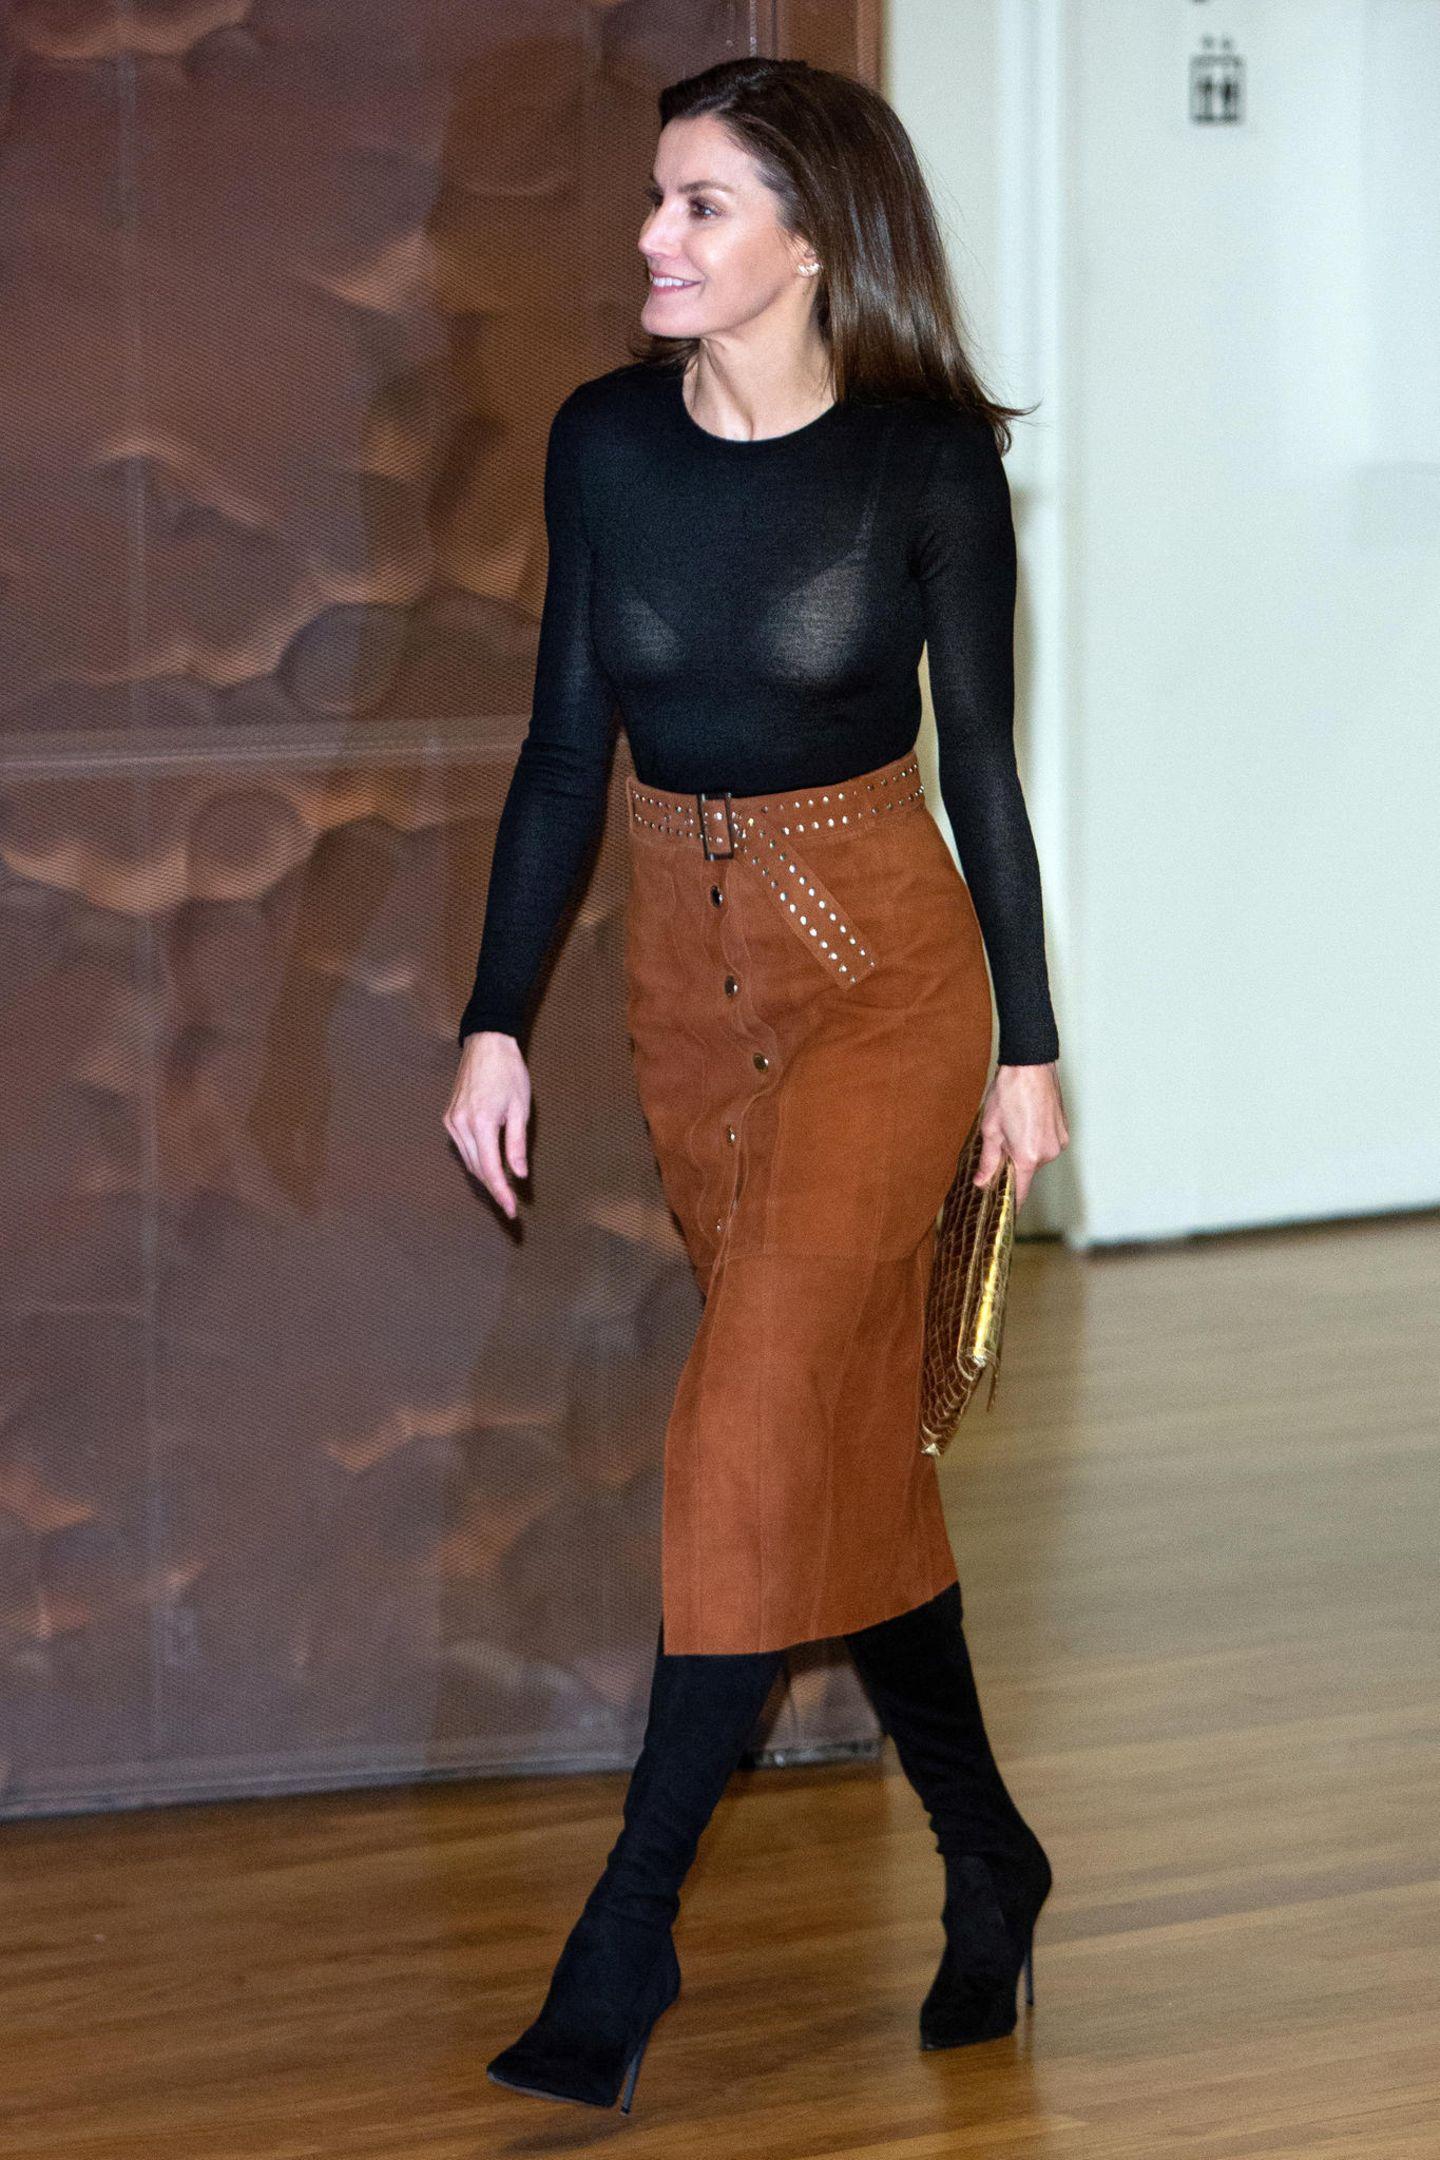 Dieses Mode-Malheur hätte Königin Letizia eigentlich ganz leicht vermeiden können. Beispielsweise mit einem schwarzen BH, einem Top oder einem blickdichten Oberteil.